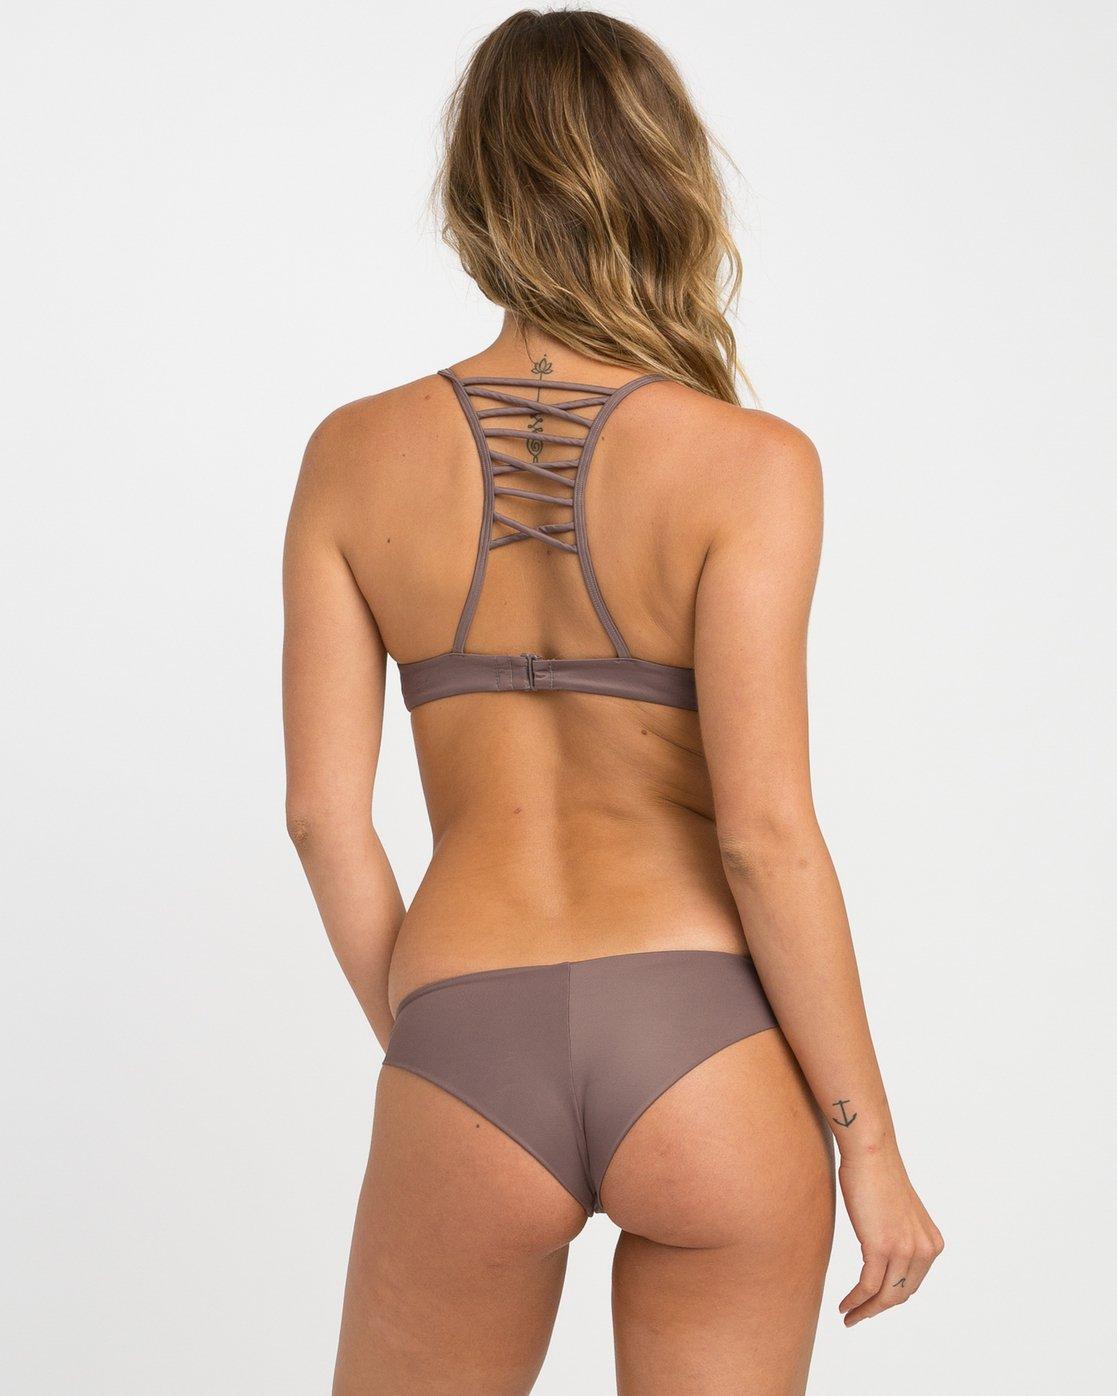 0 Solid Cheeky Bikini Bottoms Brown SJXB01SC RVCA